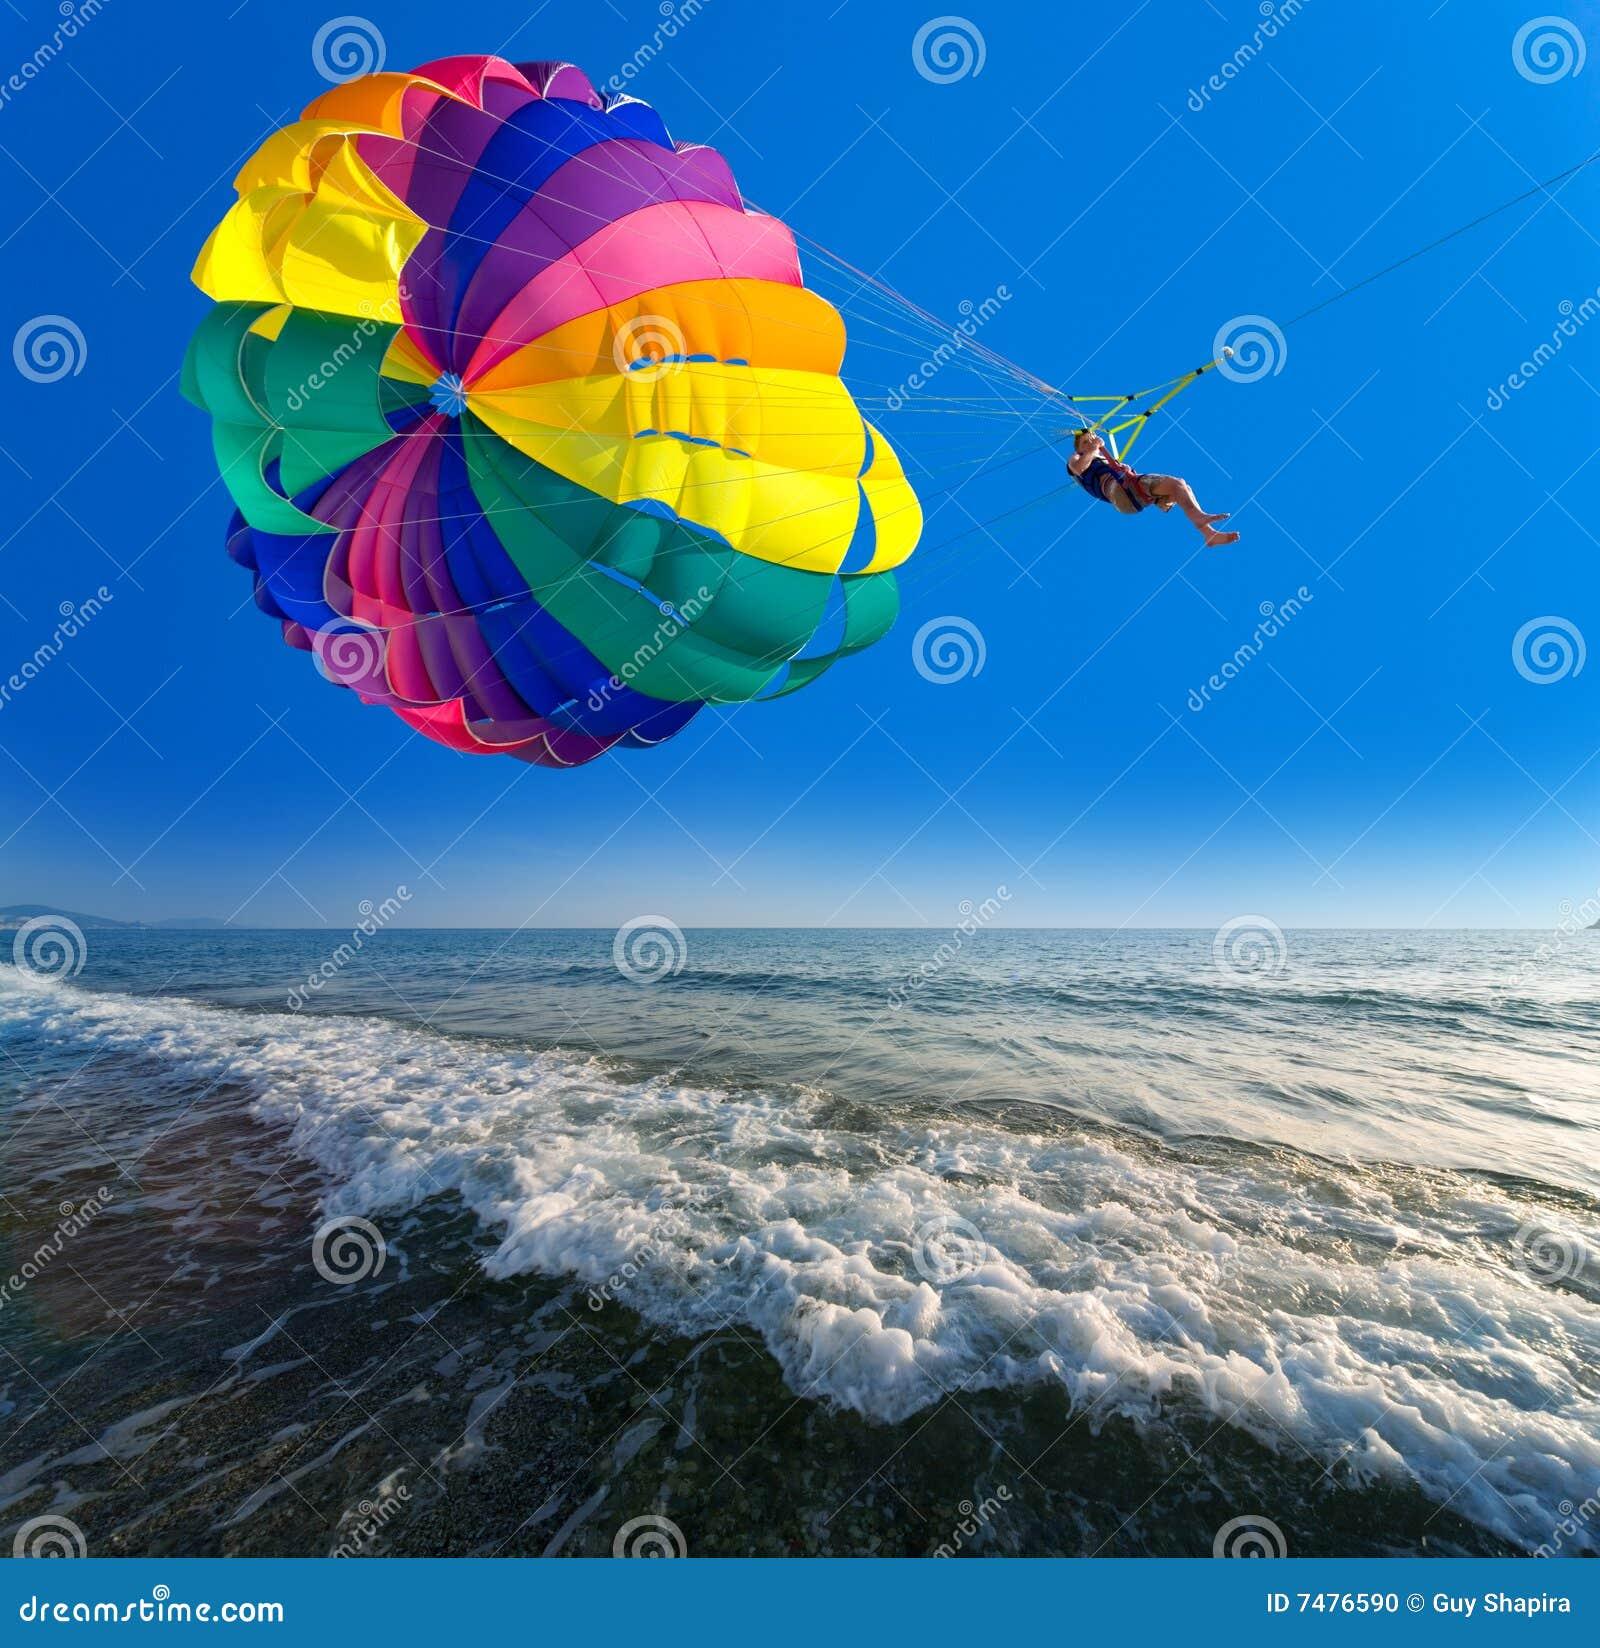 L uomo è parasailing